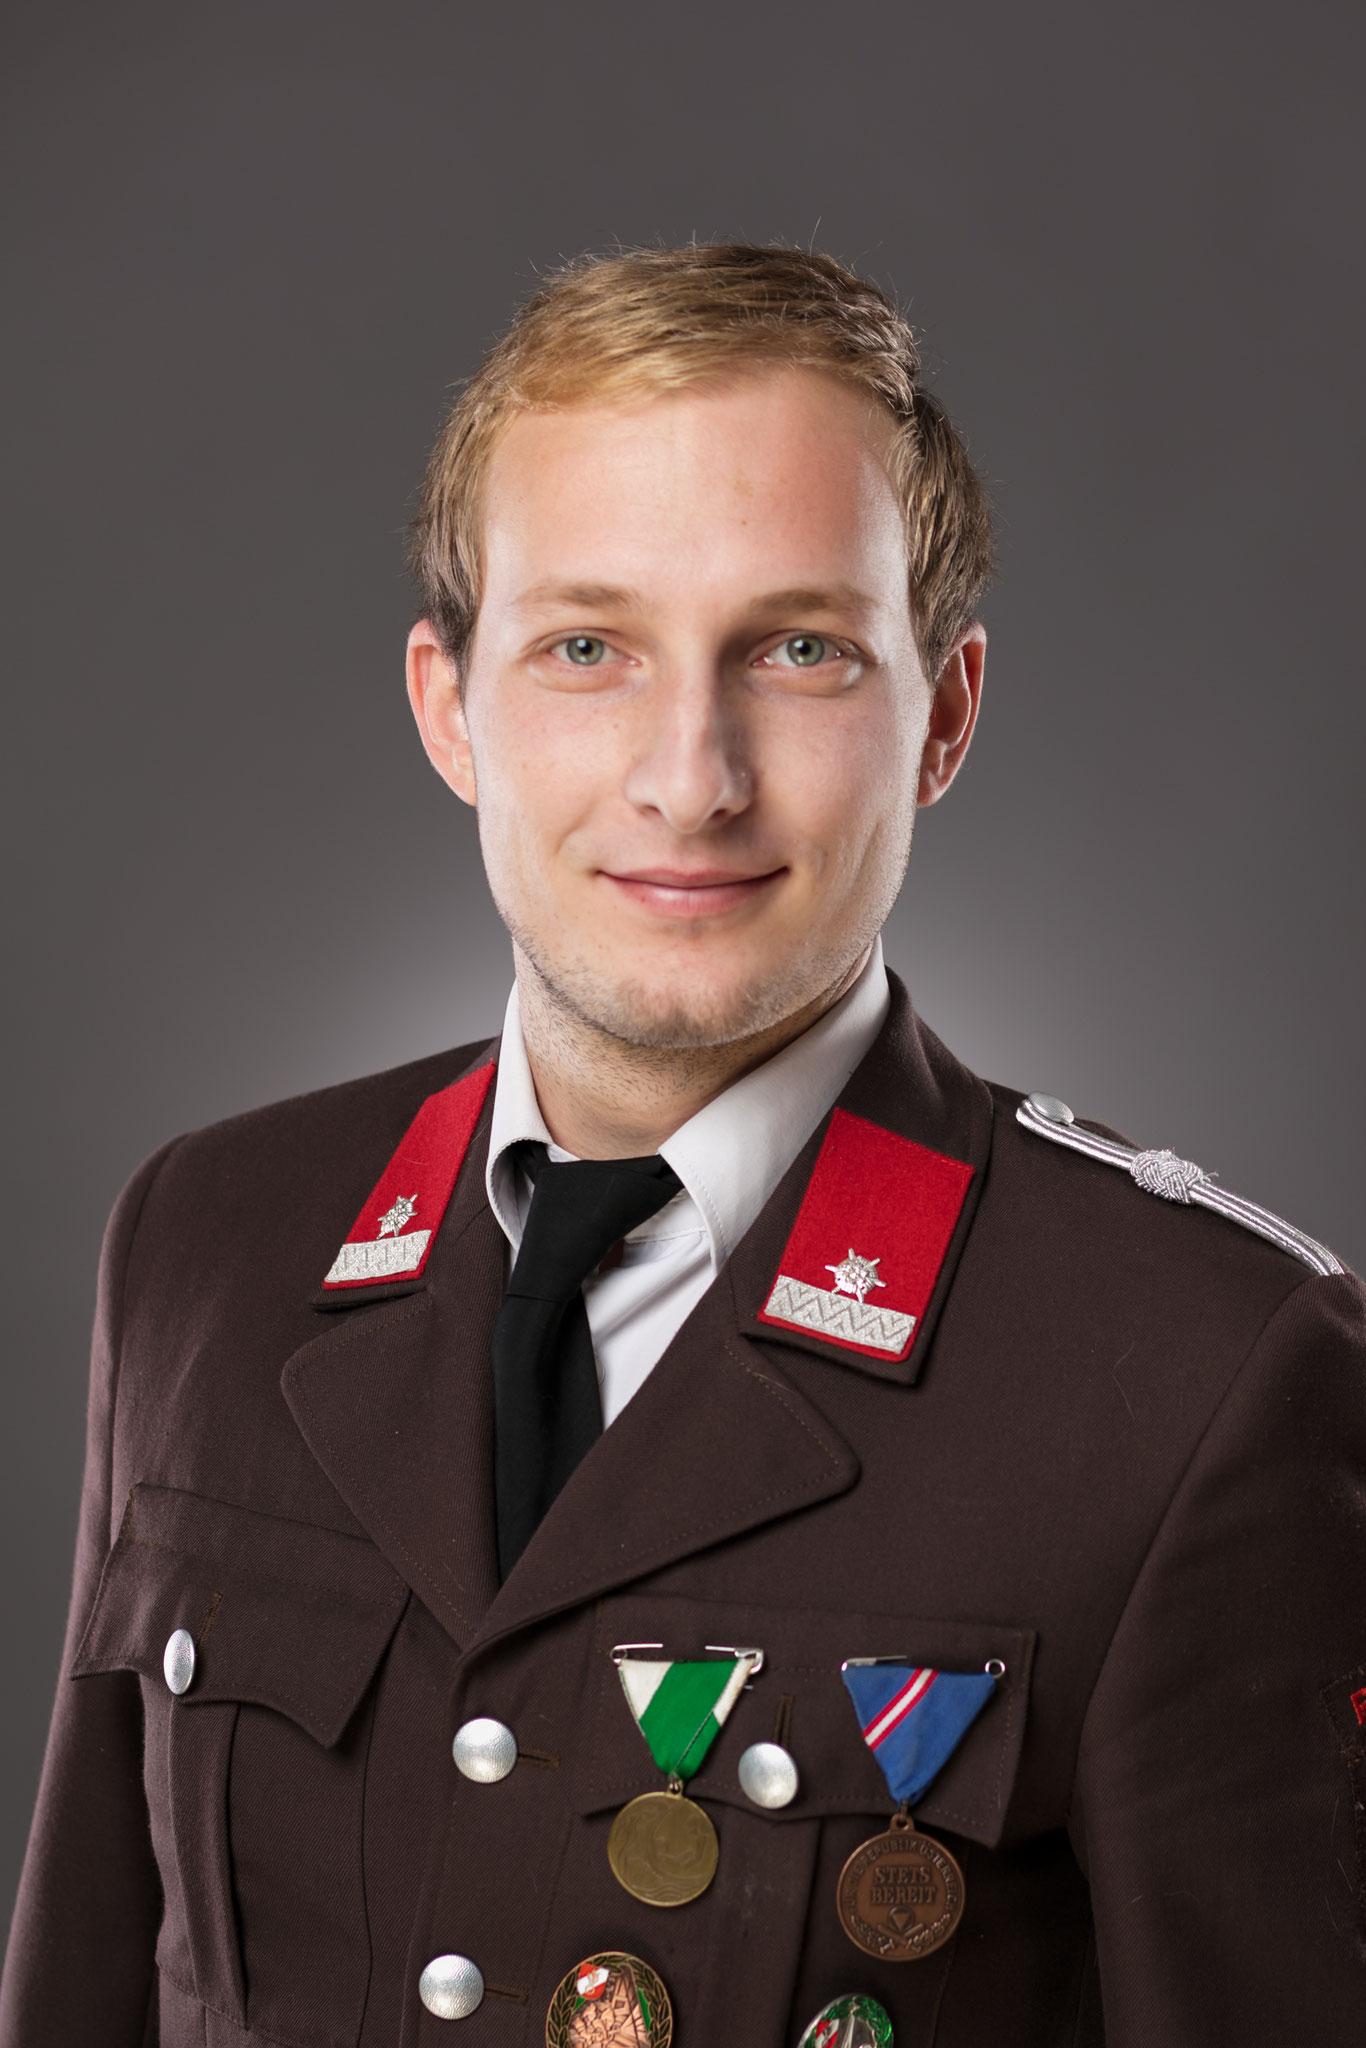 LM WEICHHART Benjamin